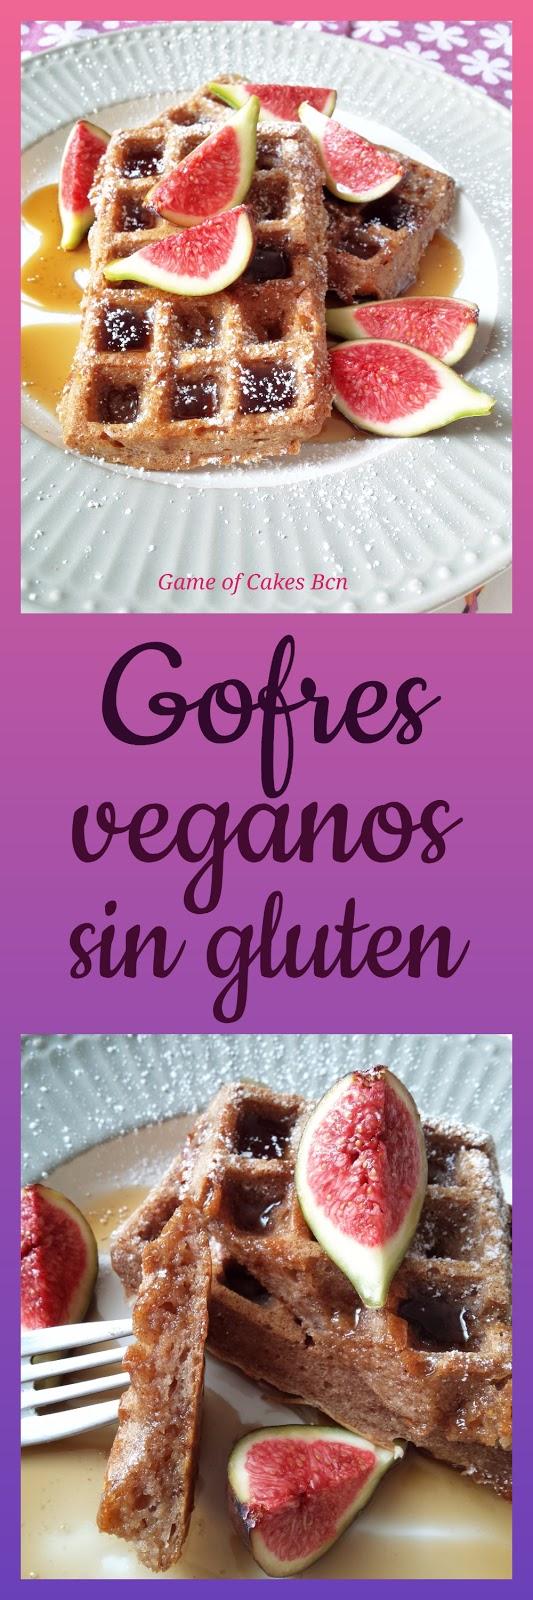 Gofres veganos y sin gluten